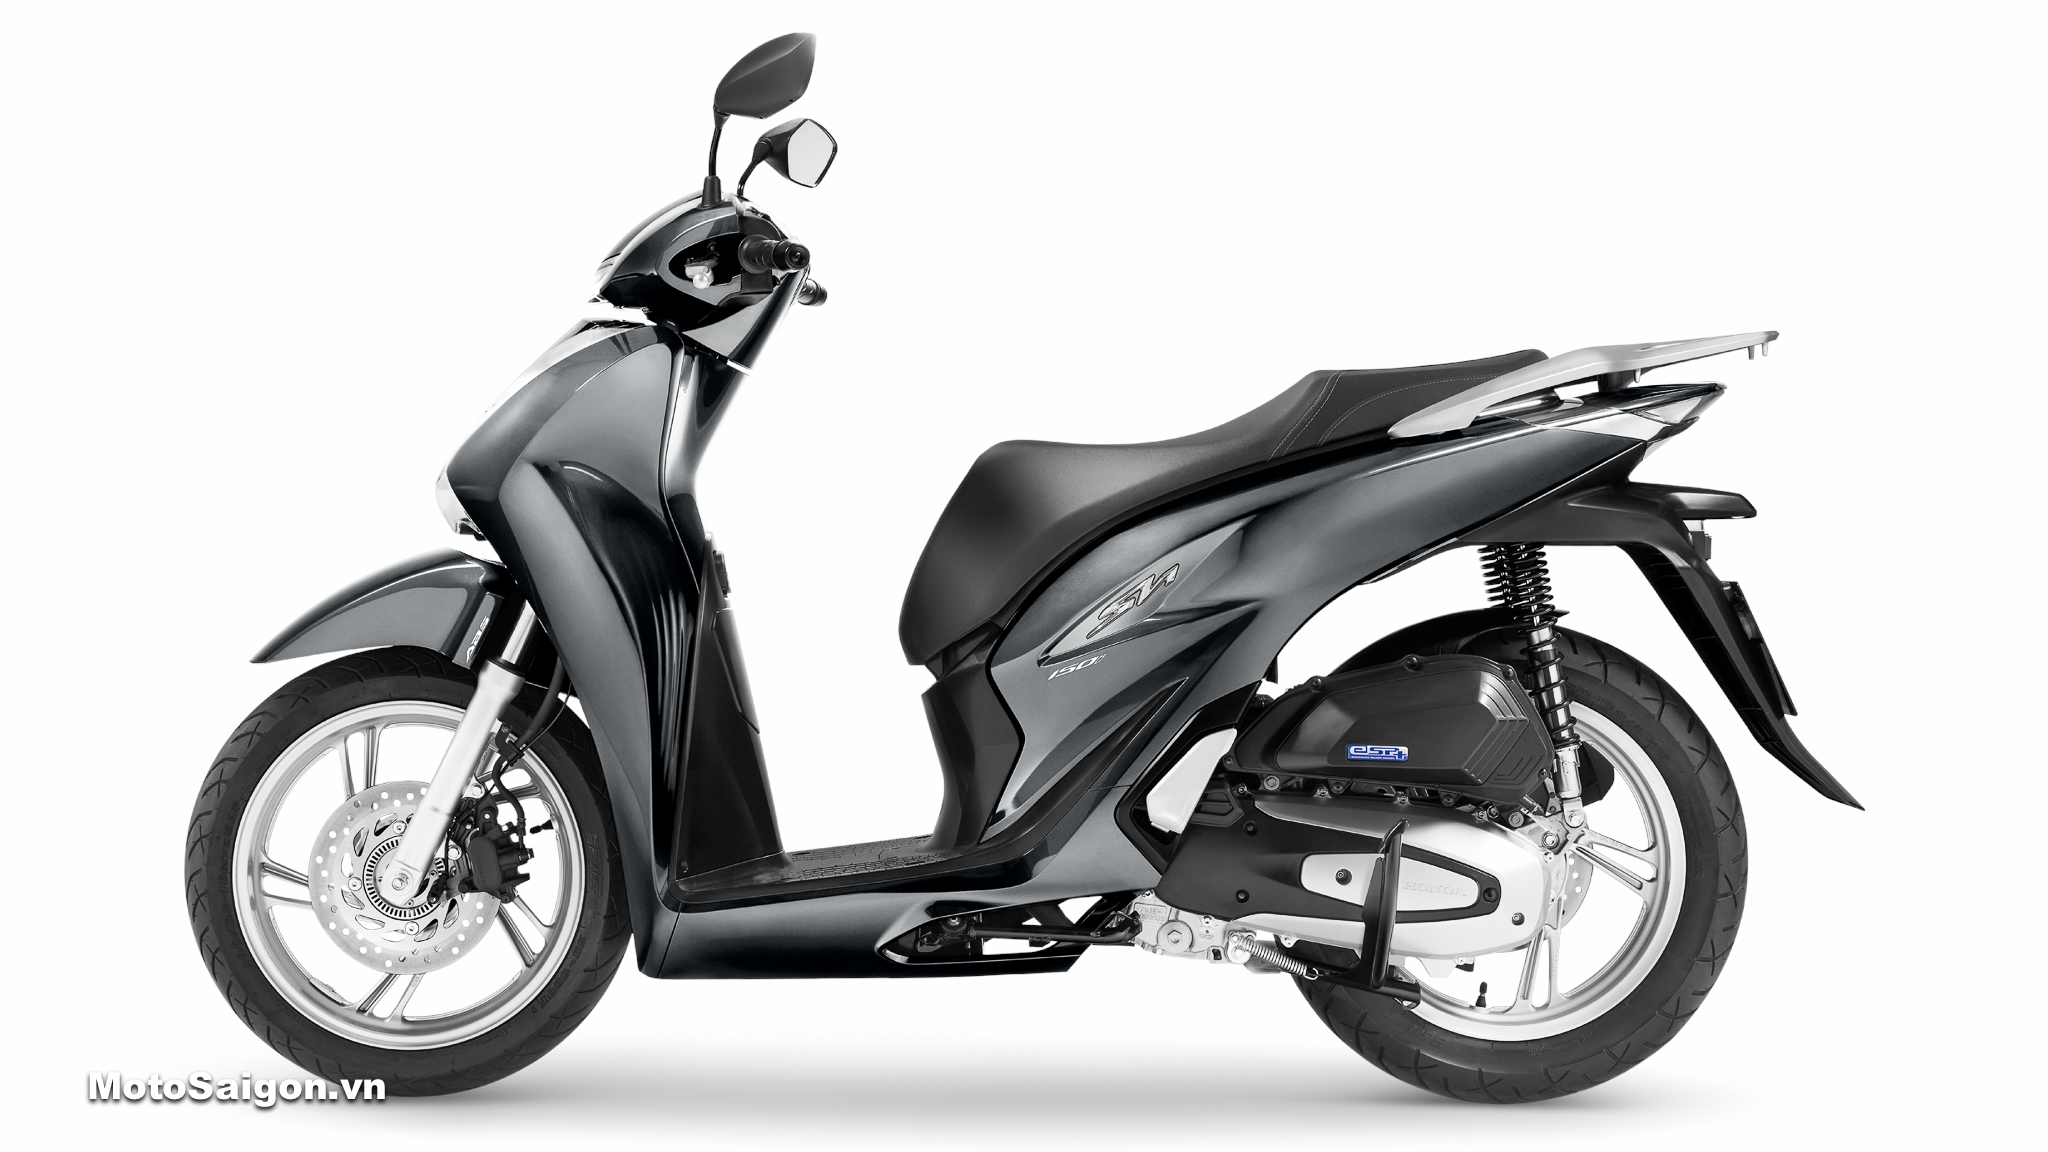 Honda Sh125i Sh150i phiên bản mới